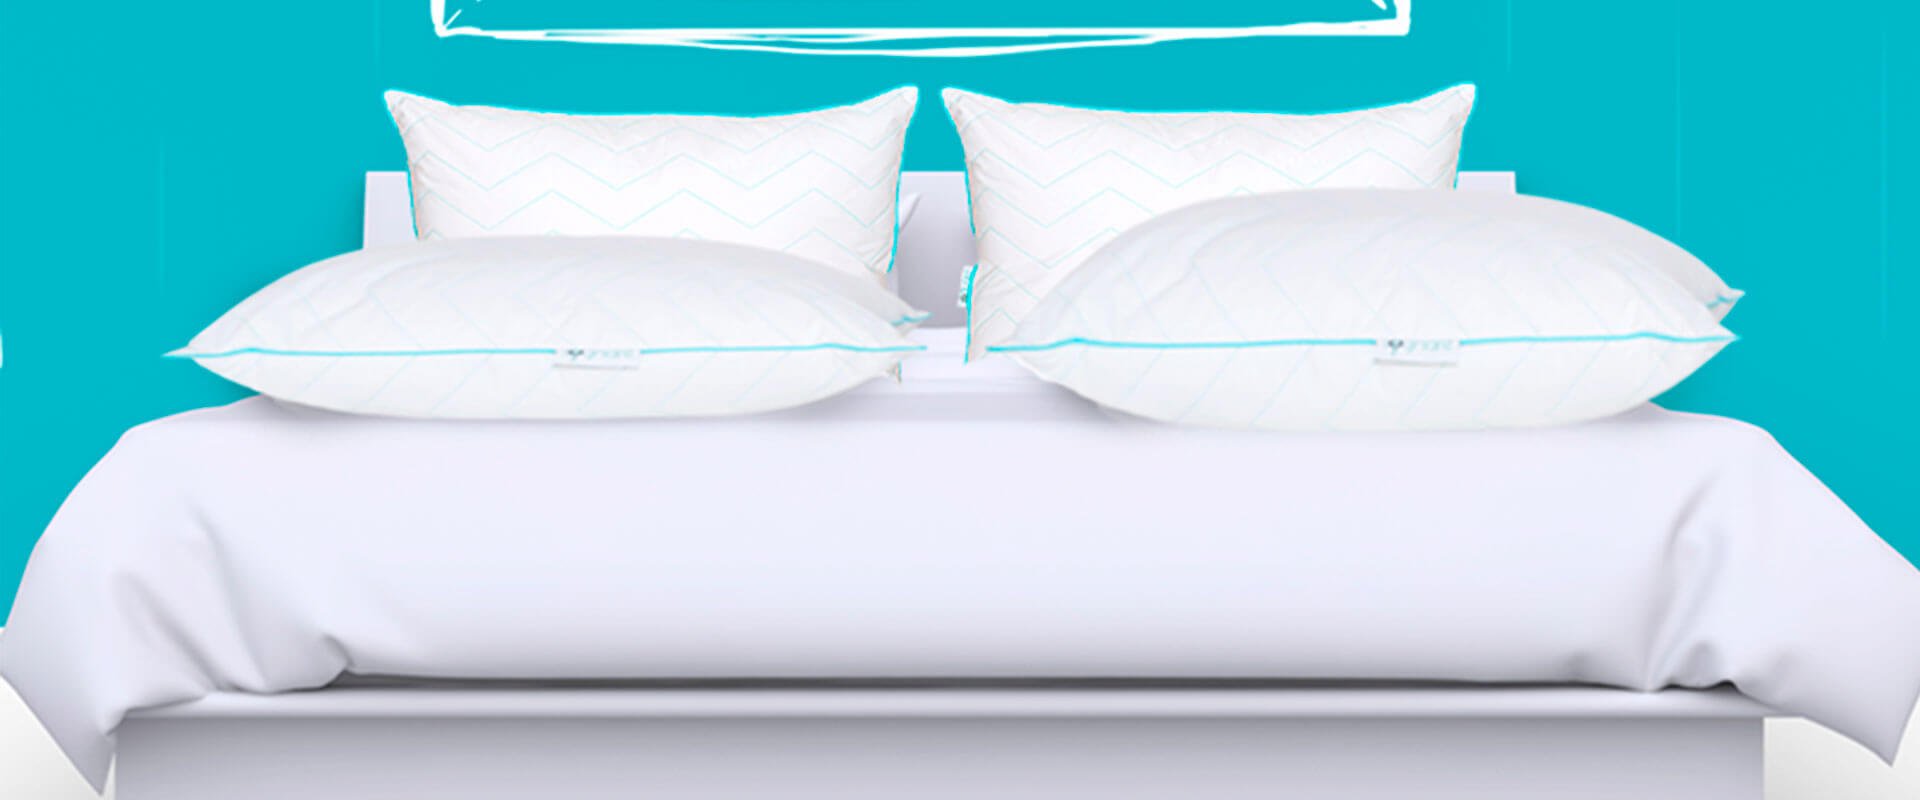 Imagen de una cama con Almohadas Sognare encima.